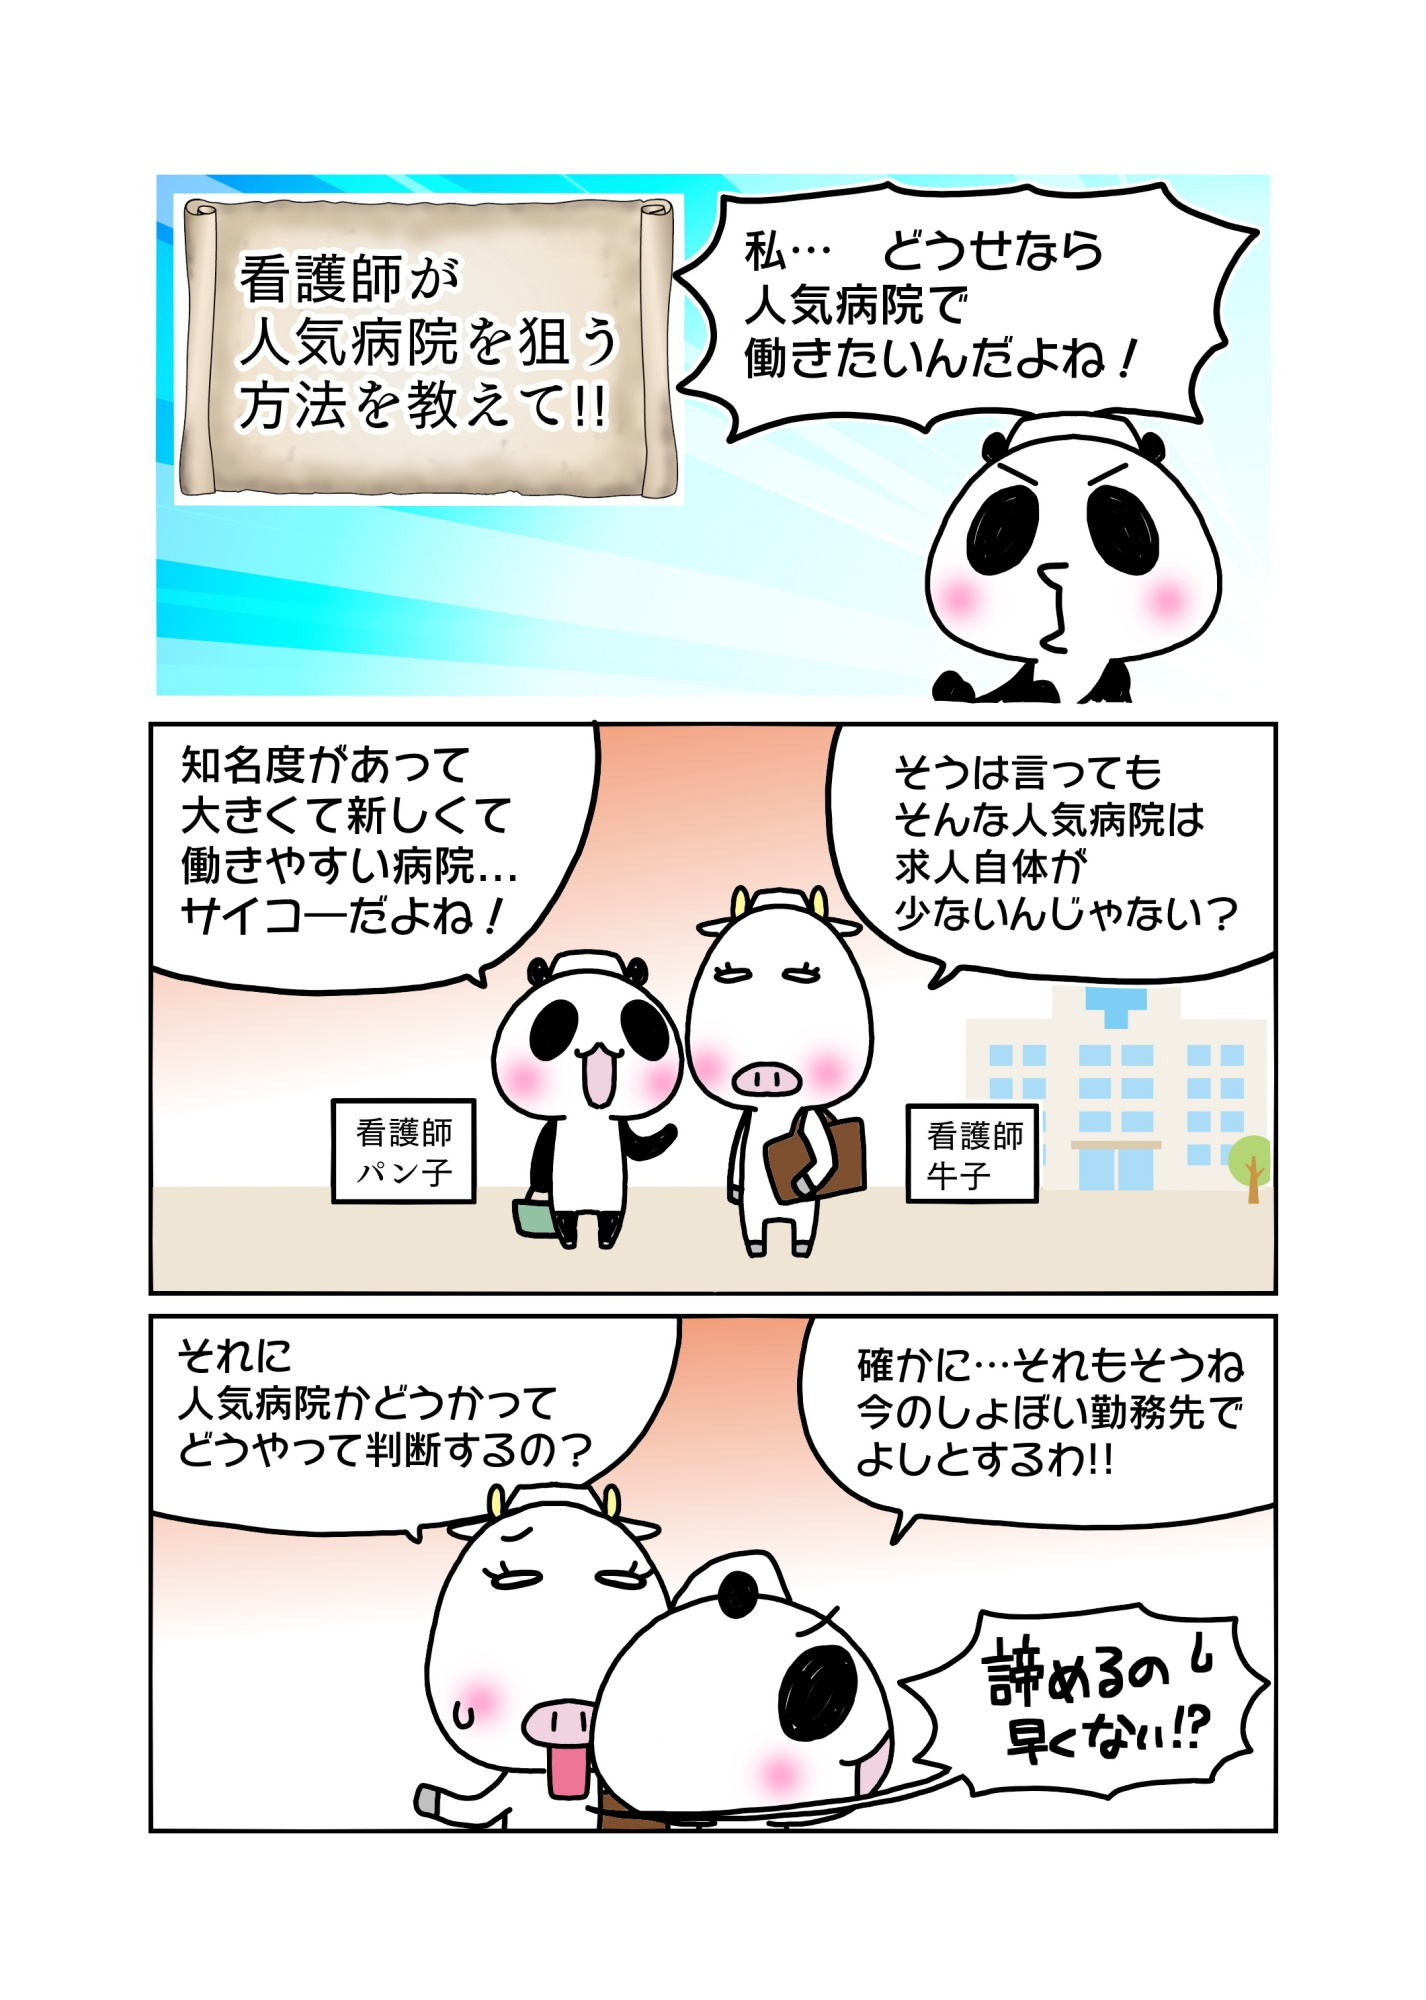 「看護師が人気病院を狙う方法を教えて!!」マンガ1ページ